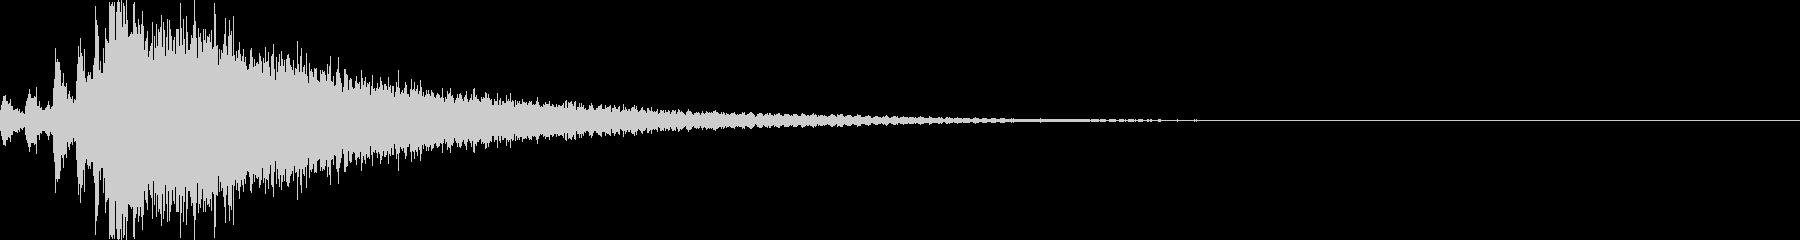 紹介、発表する時に使うドラムロール_03の未再生の波形